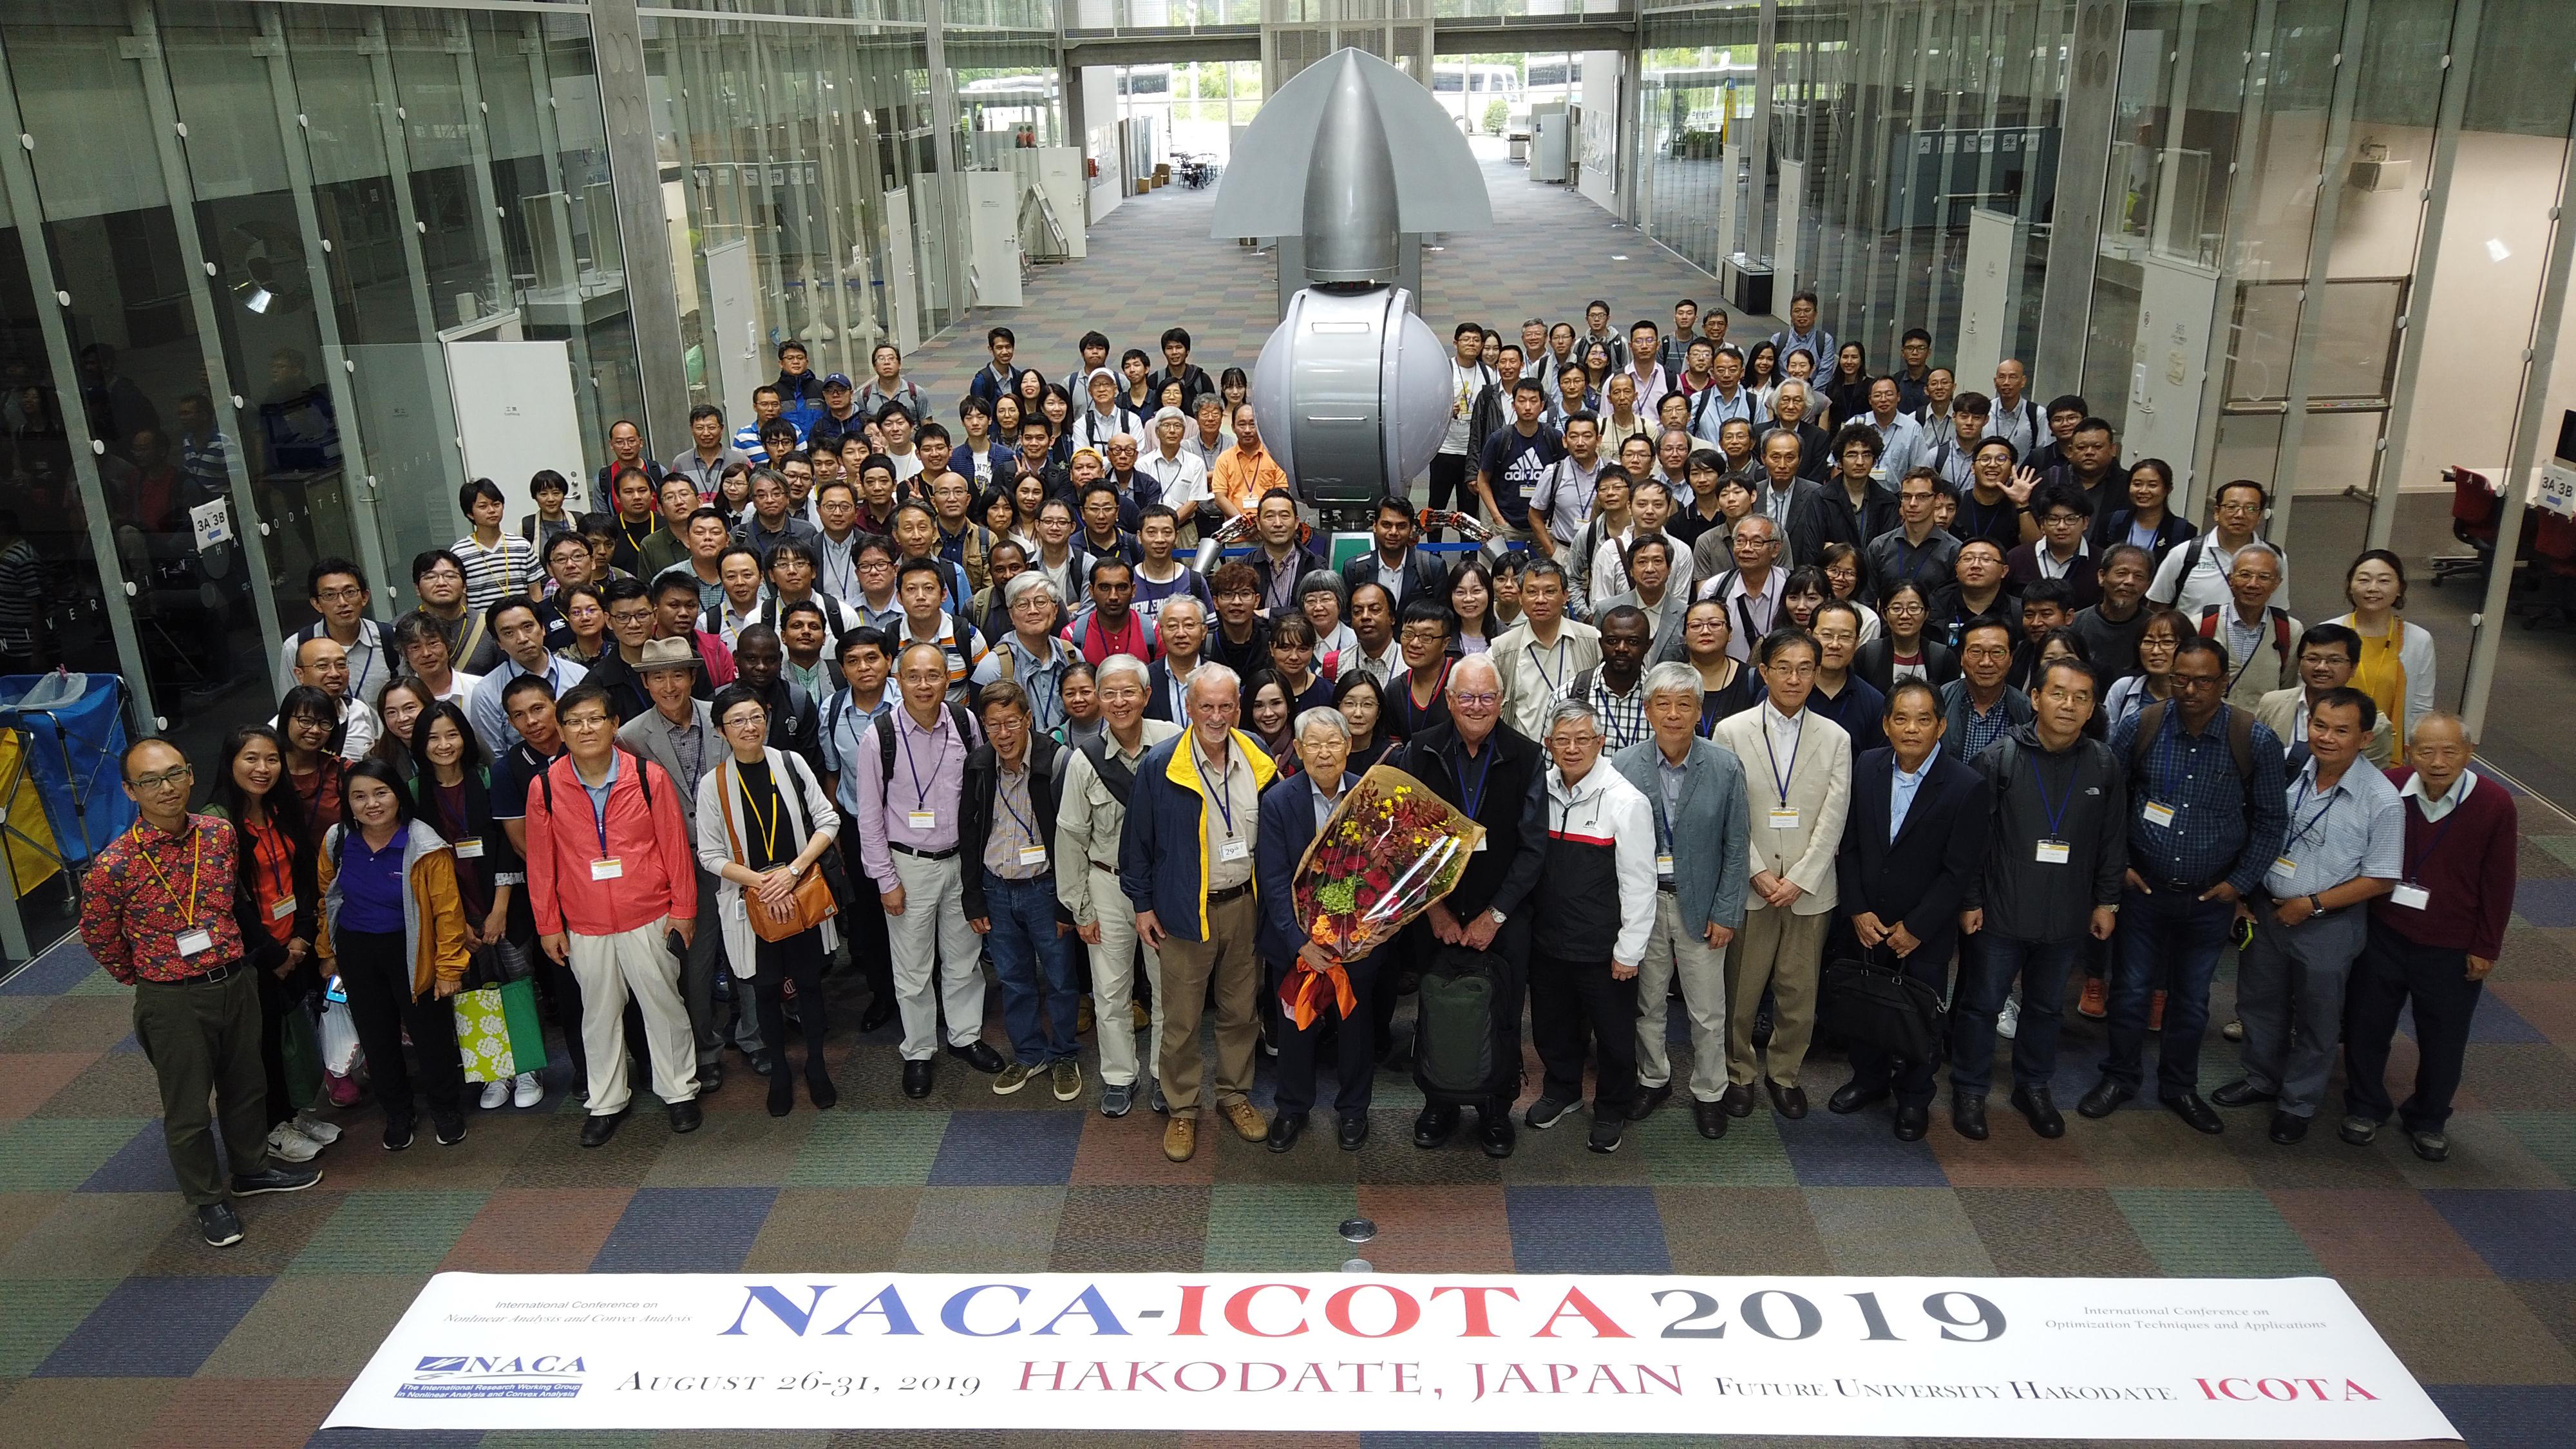 NACA-ICOTA2019